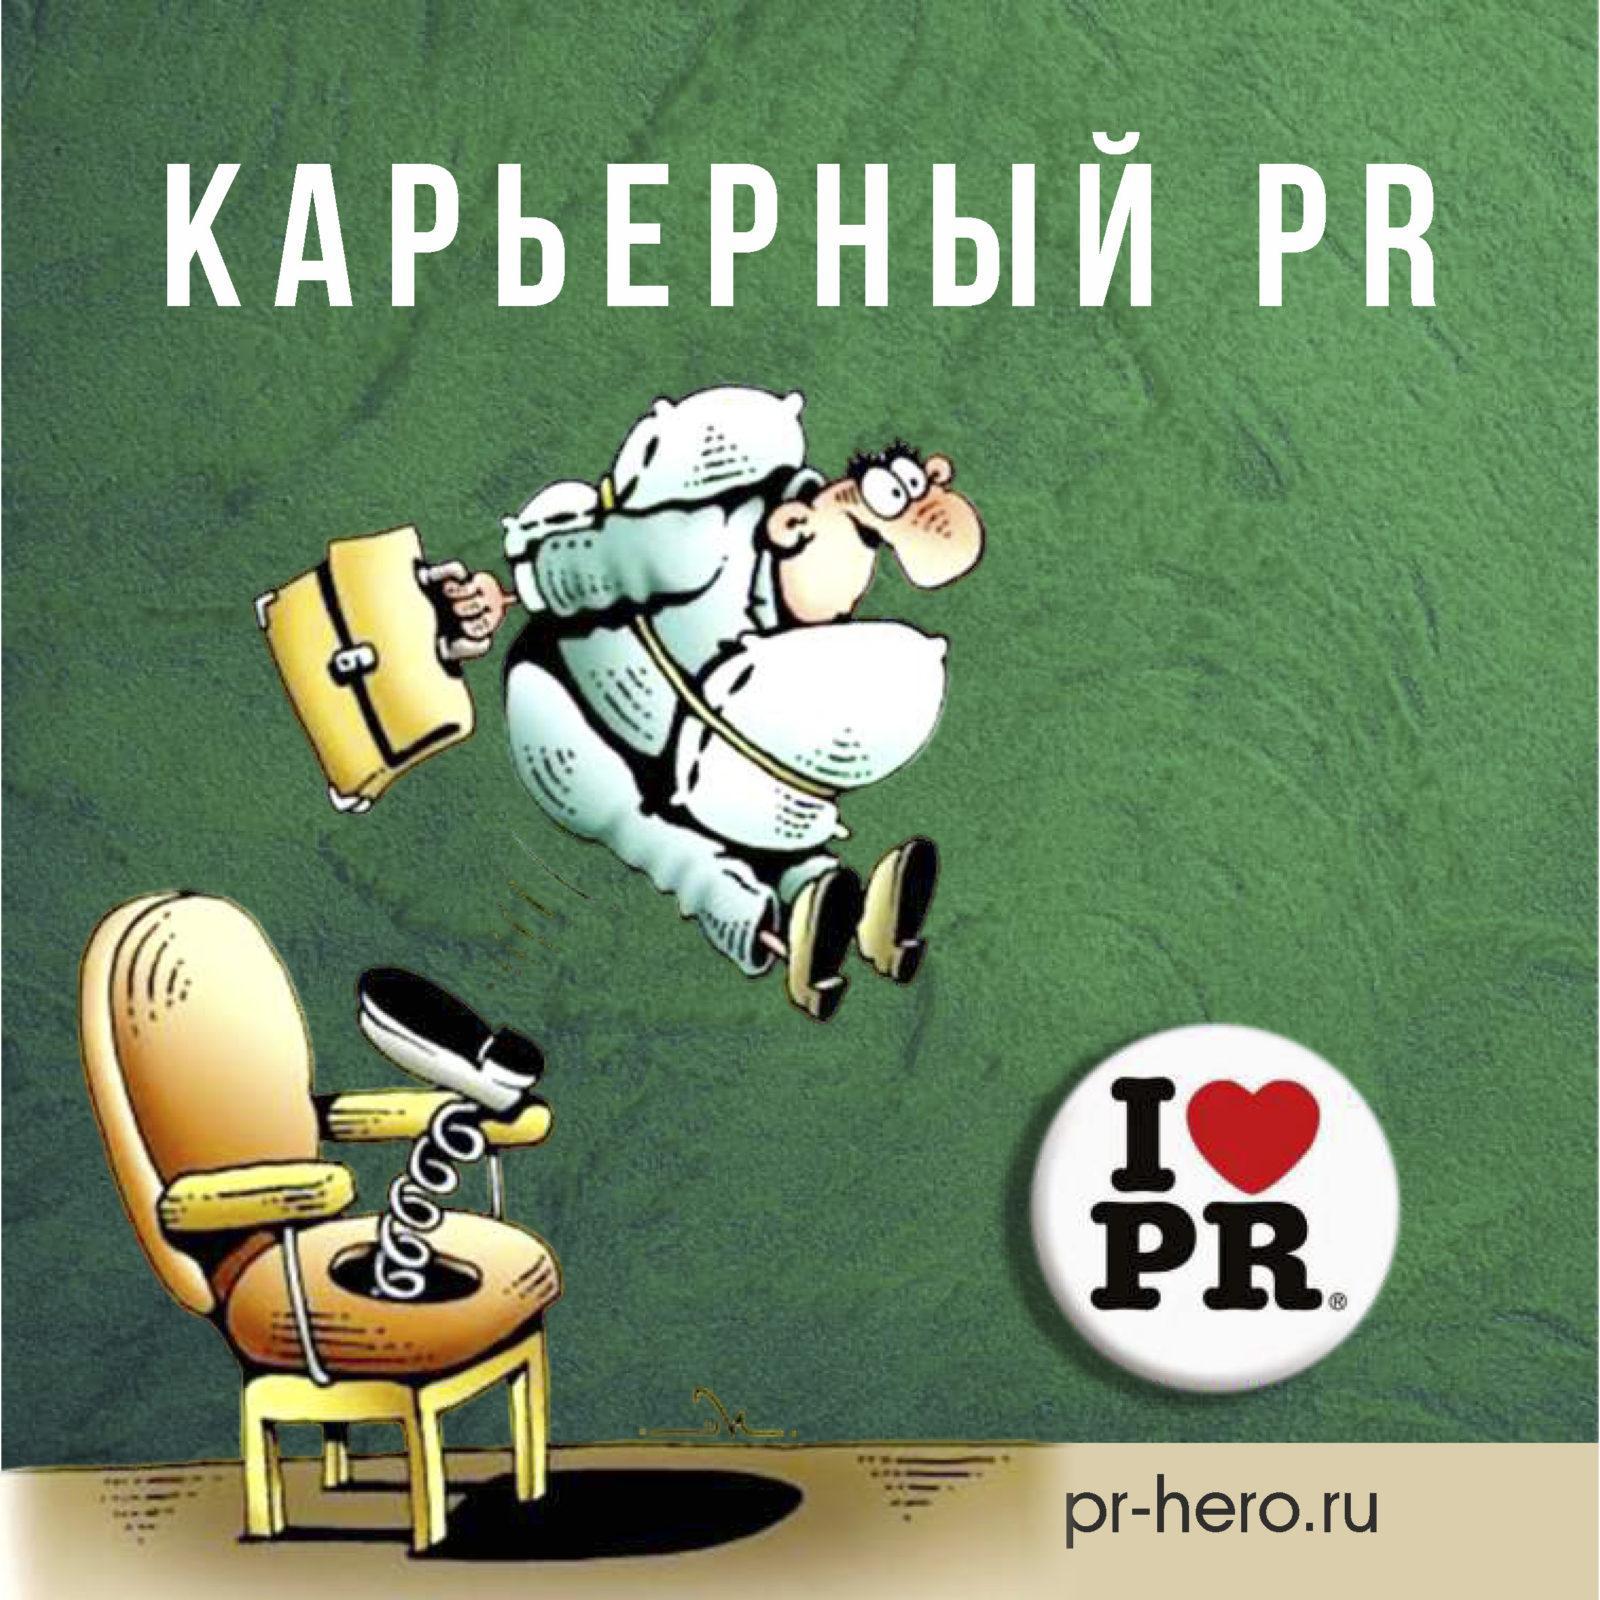 карьерный PR